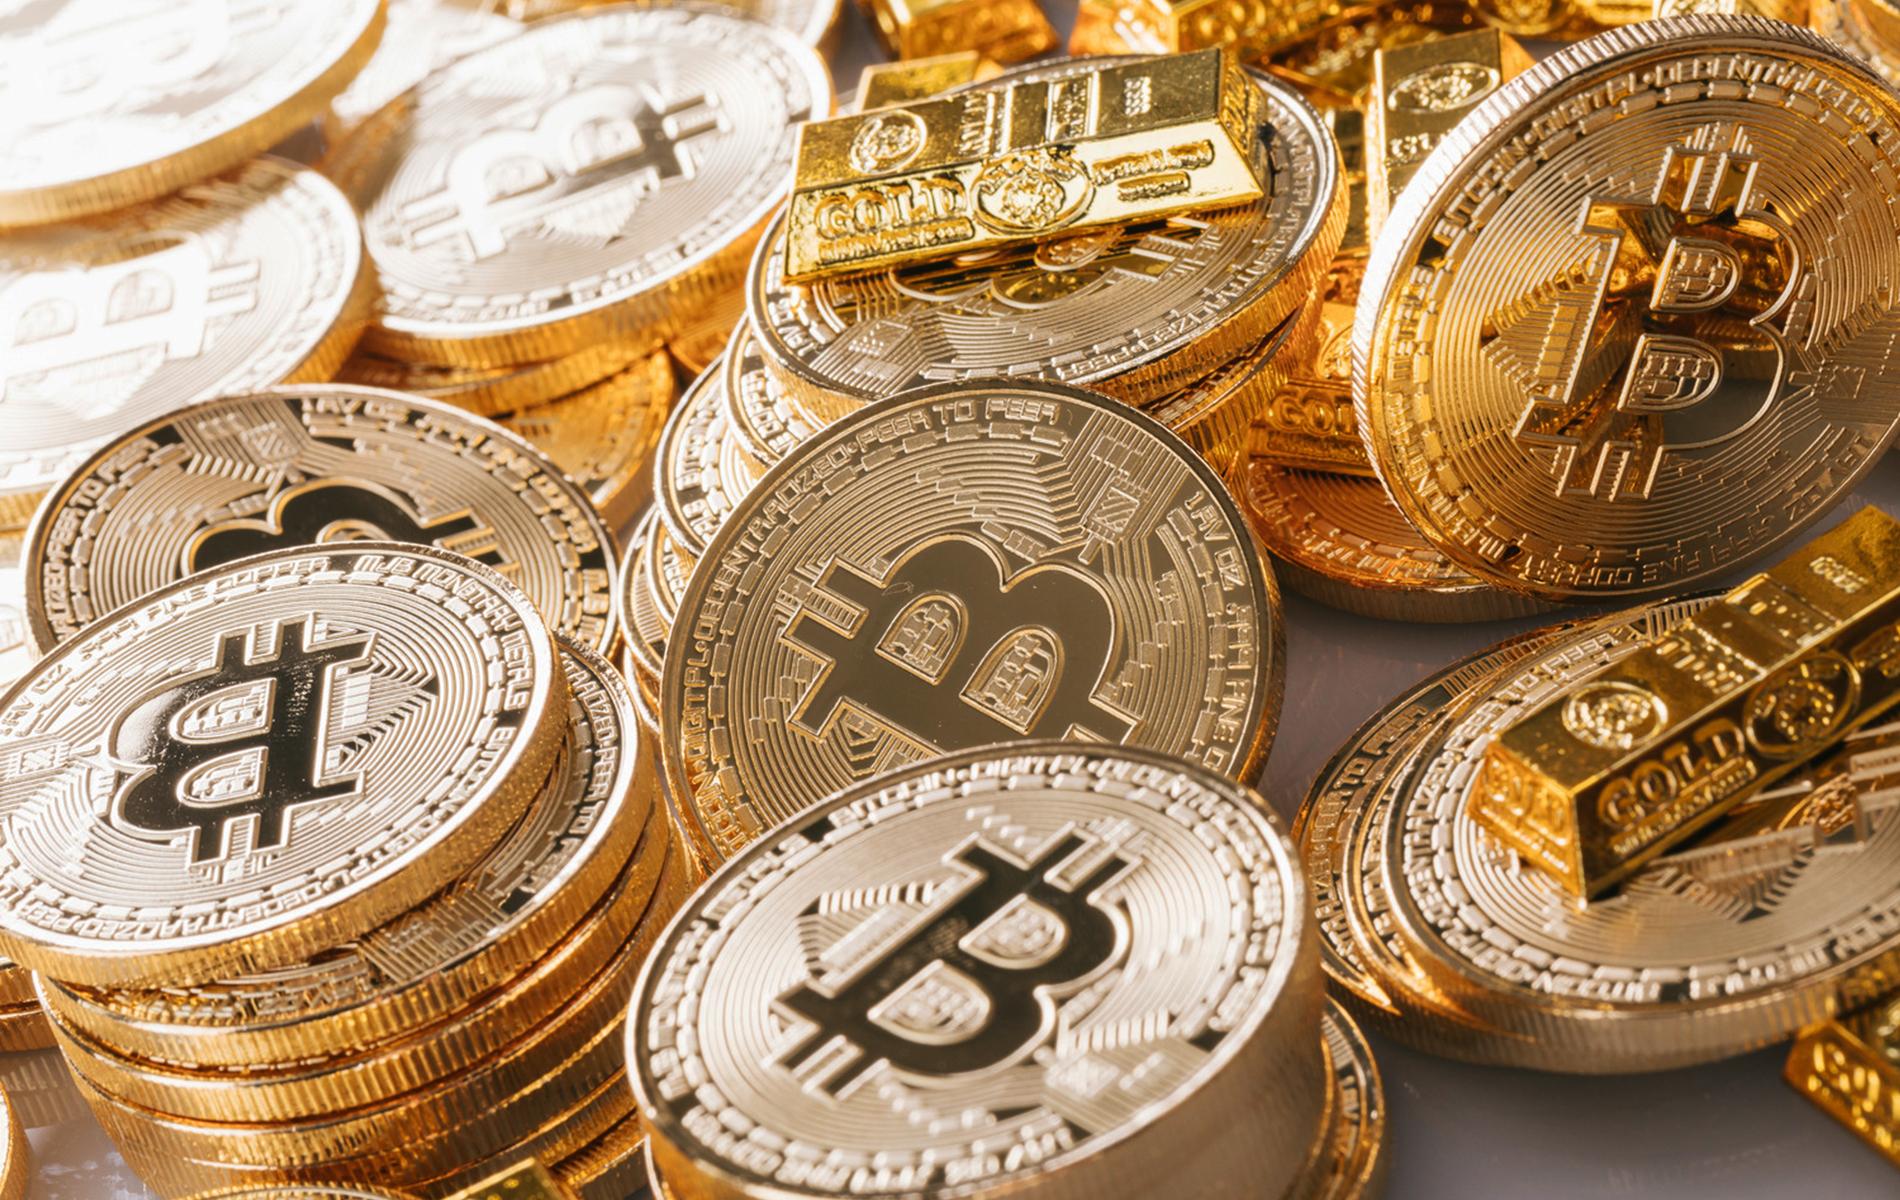 黄金现在价值超过11万亿美元。对于比特币来说,这是个好消息。 0001